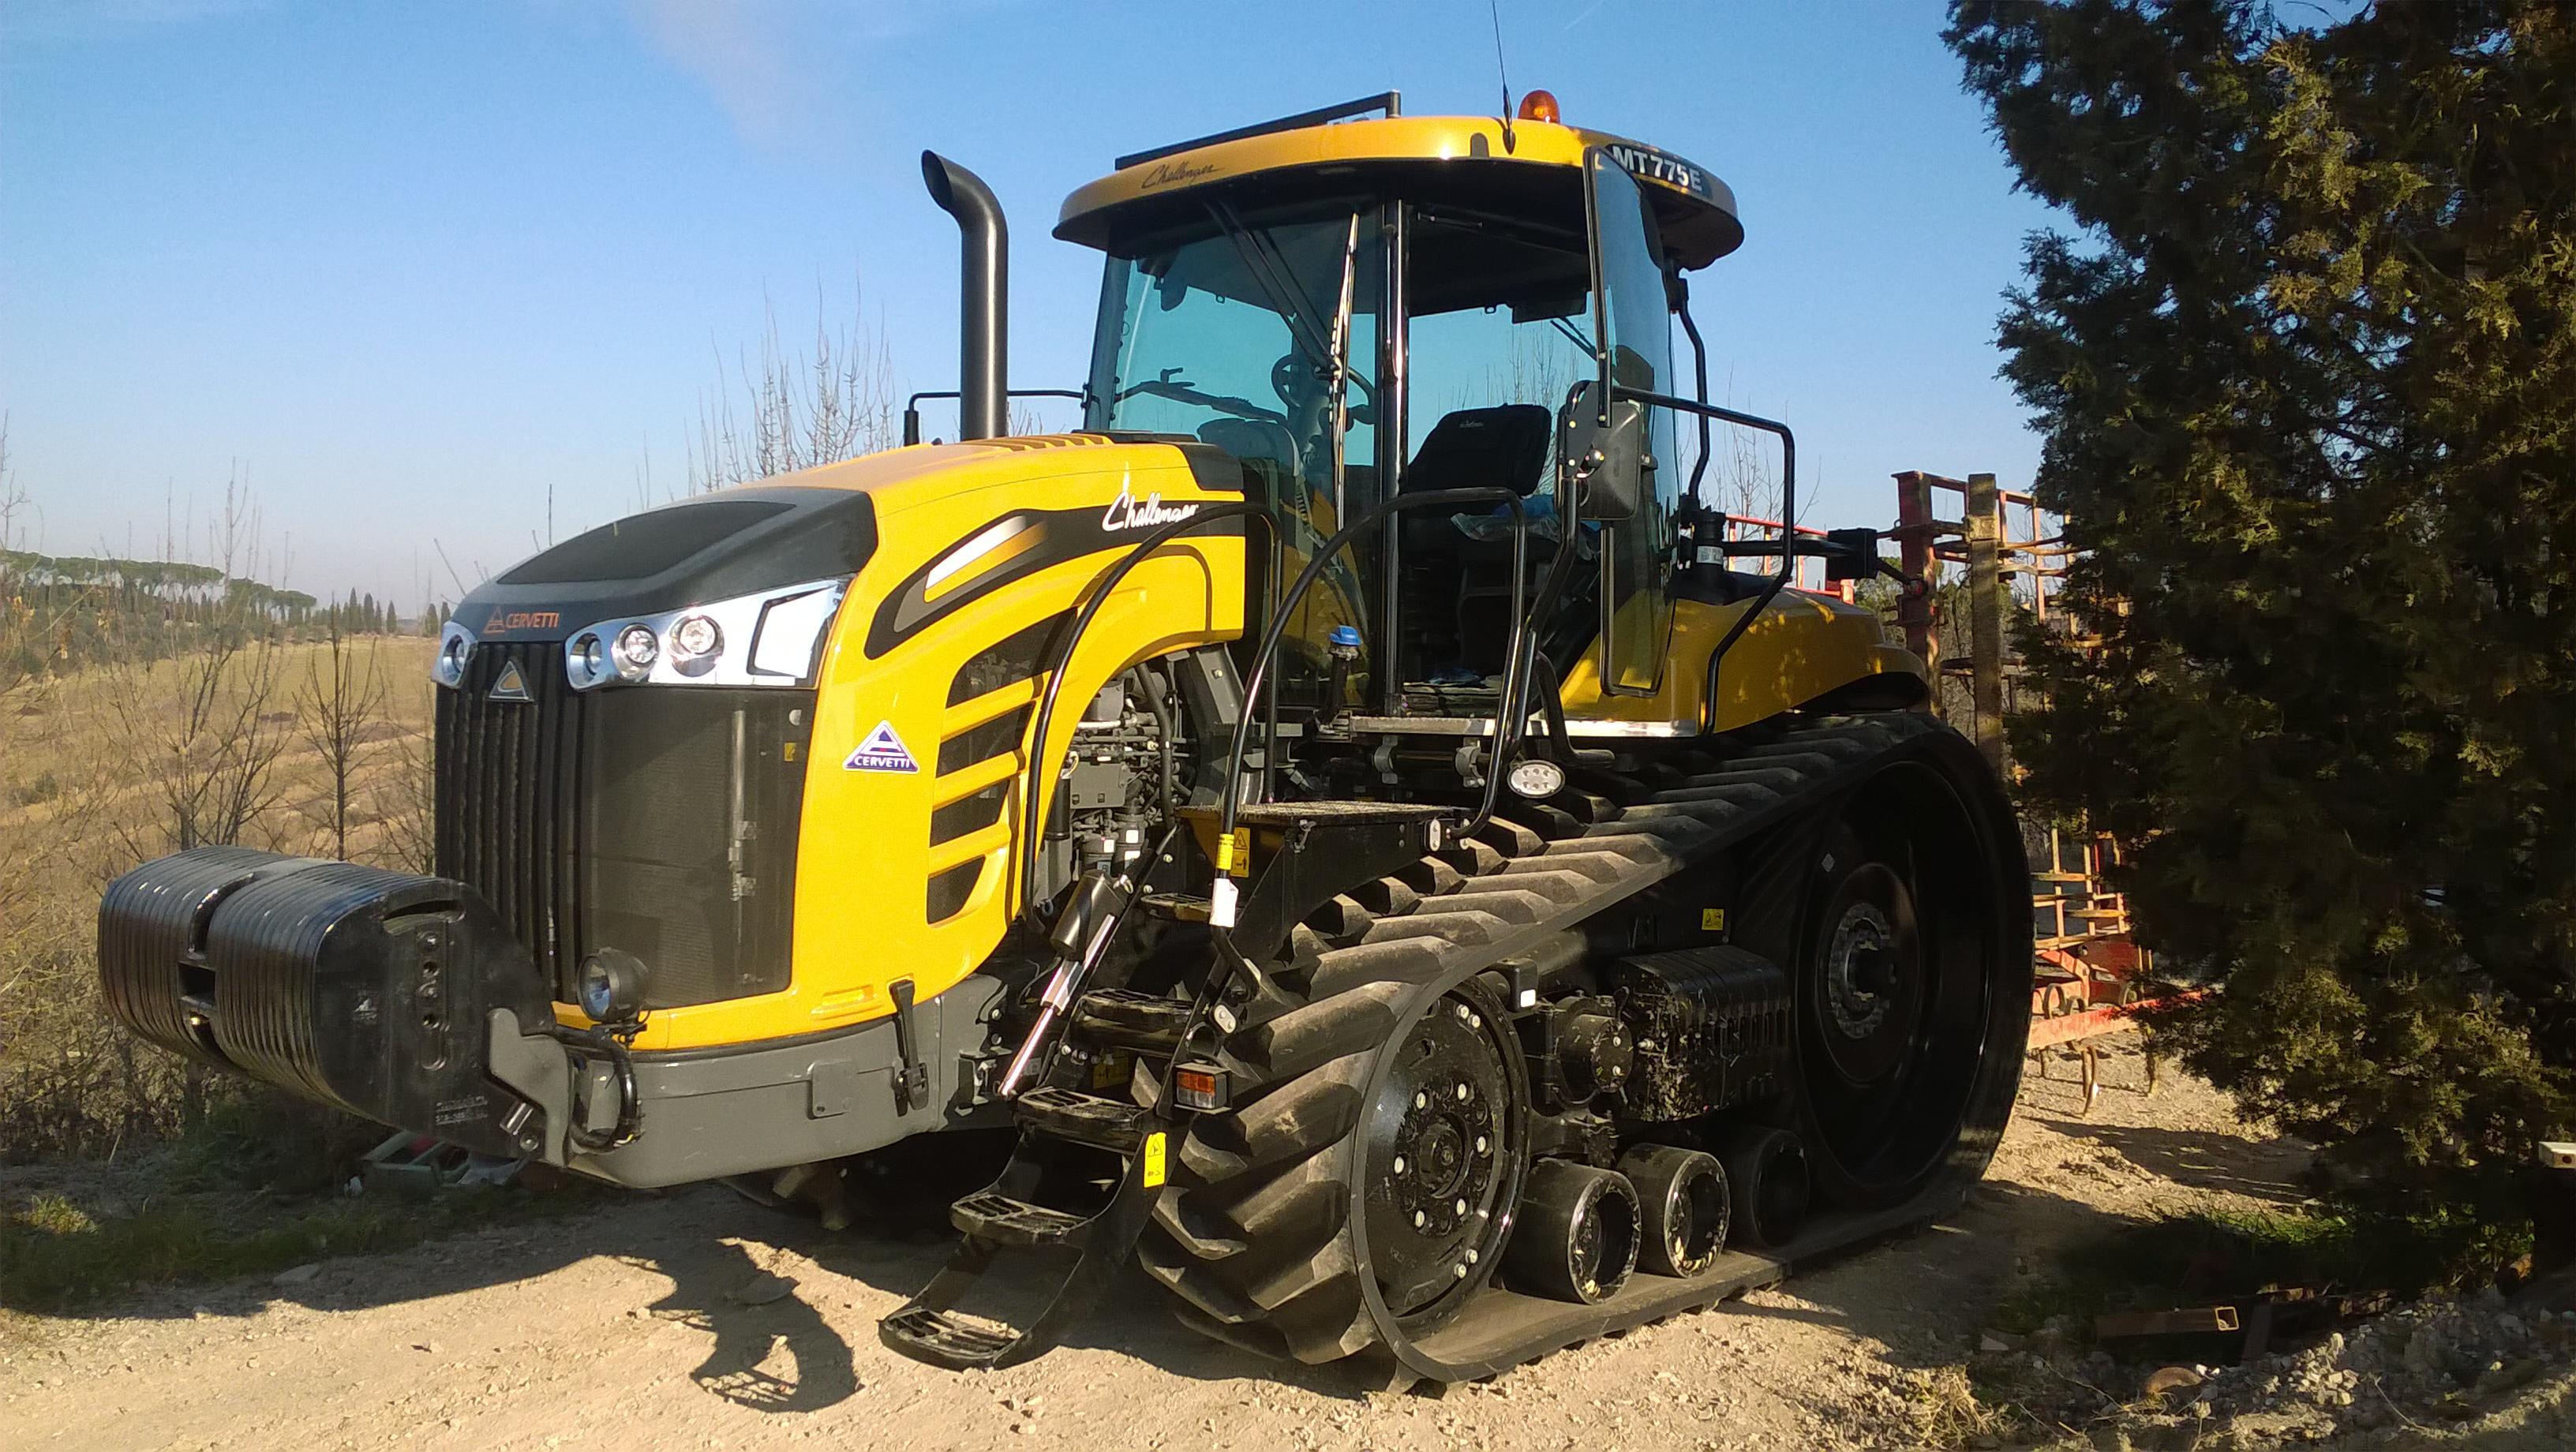 officina riparazione macchine agricole Siena